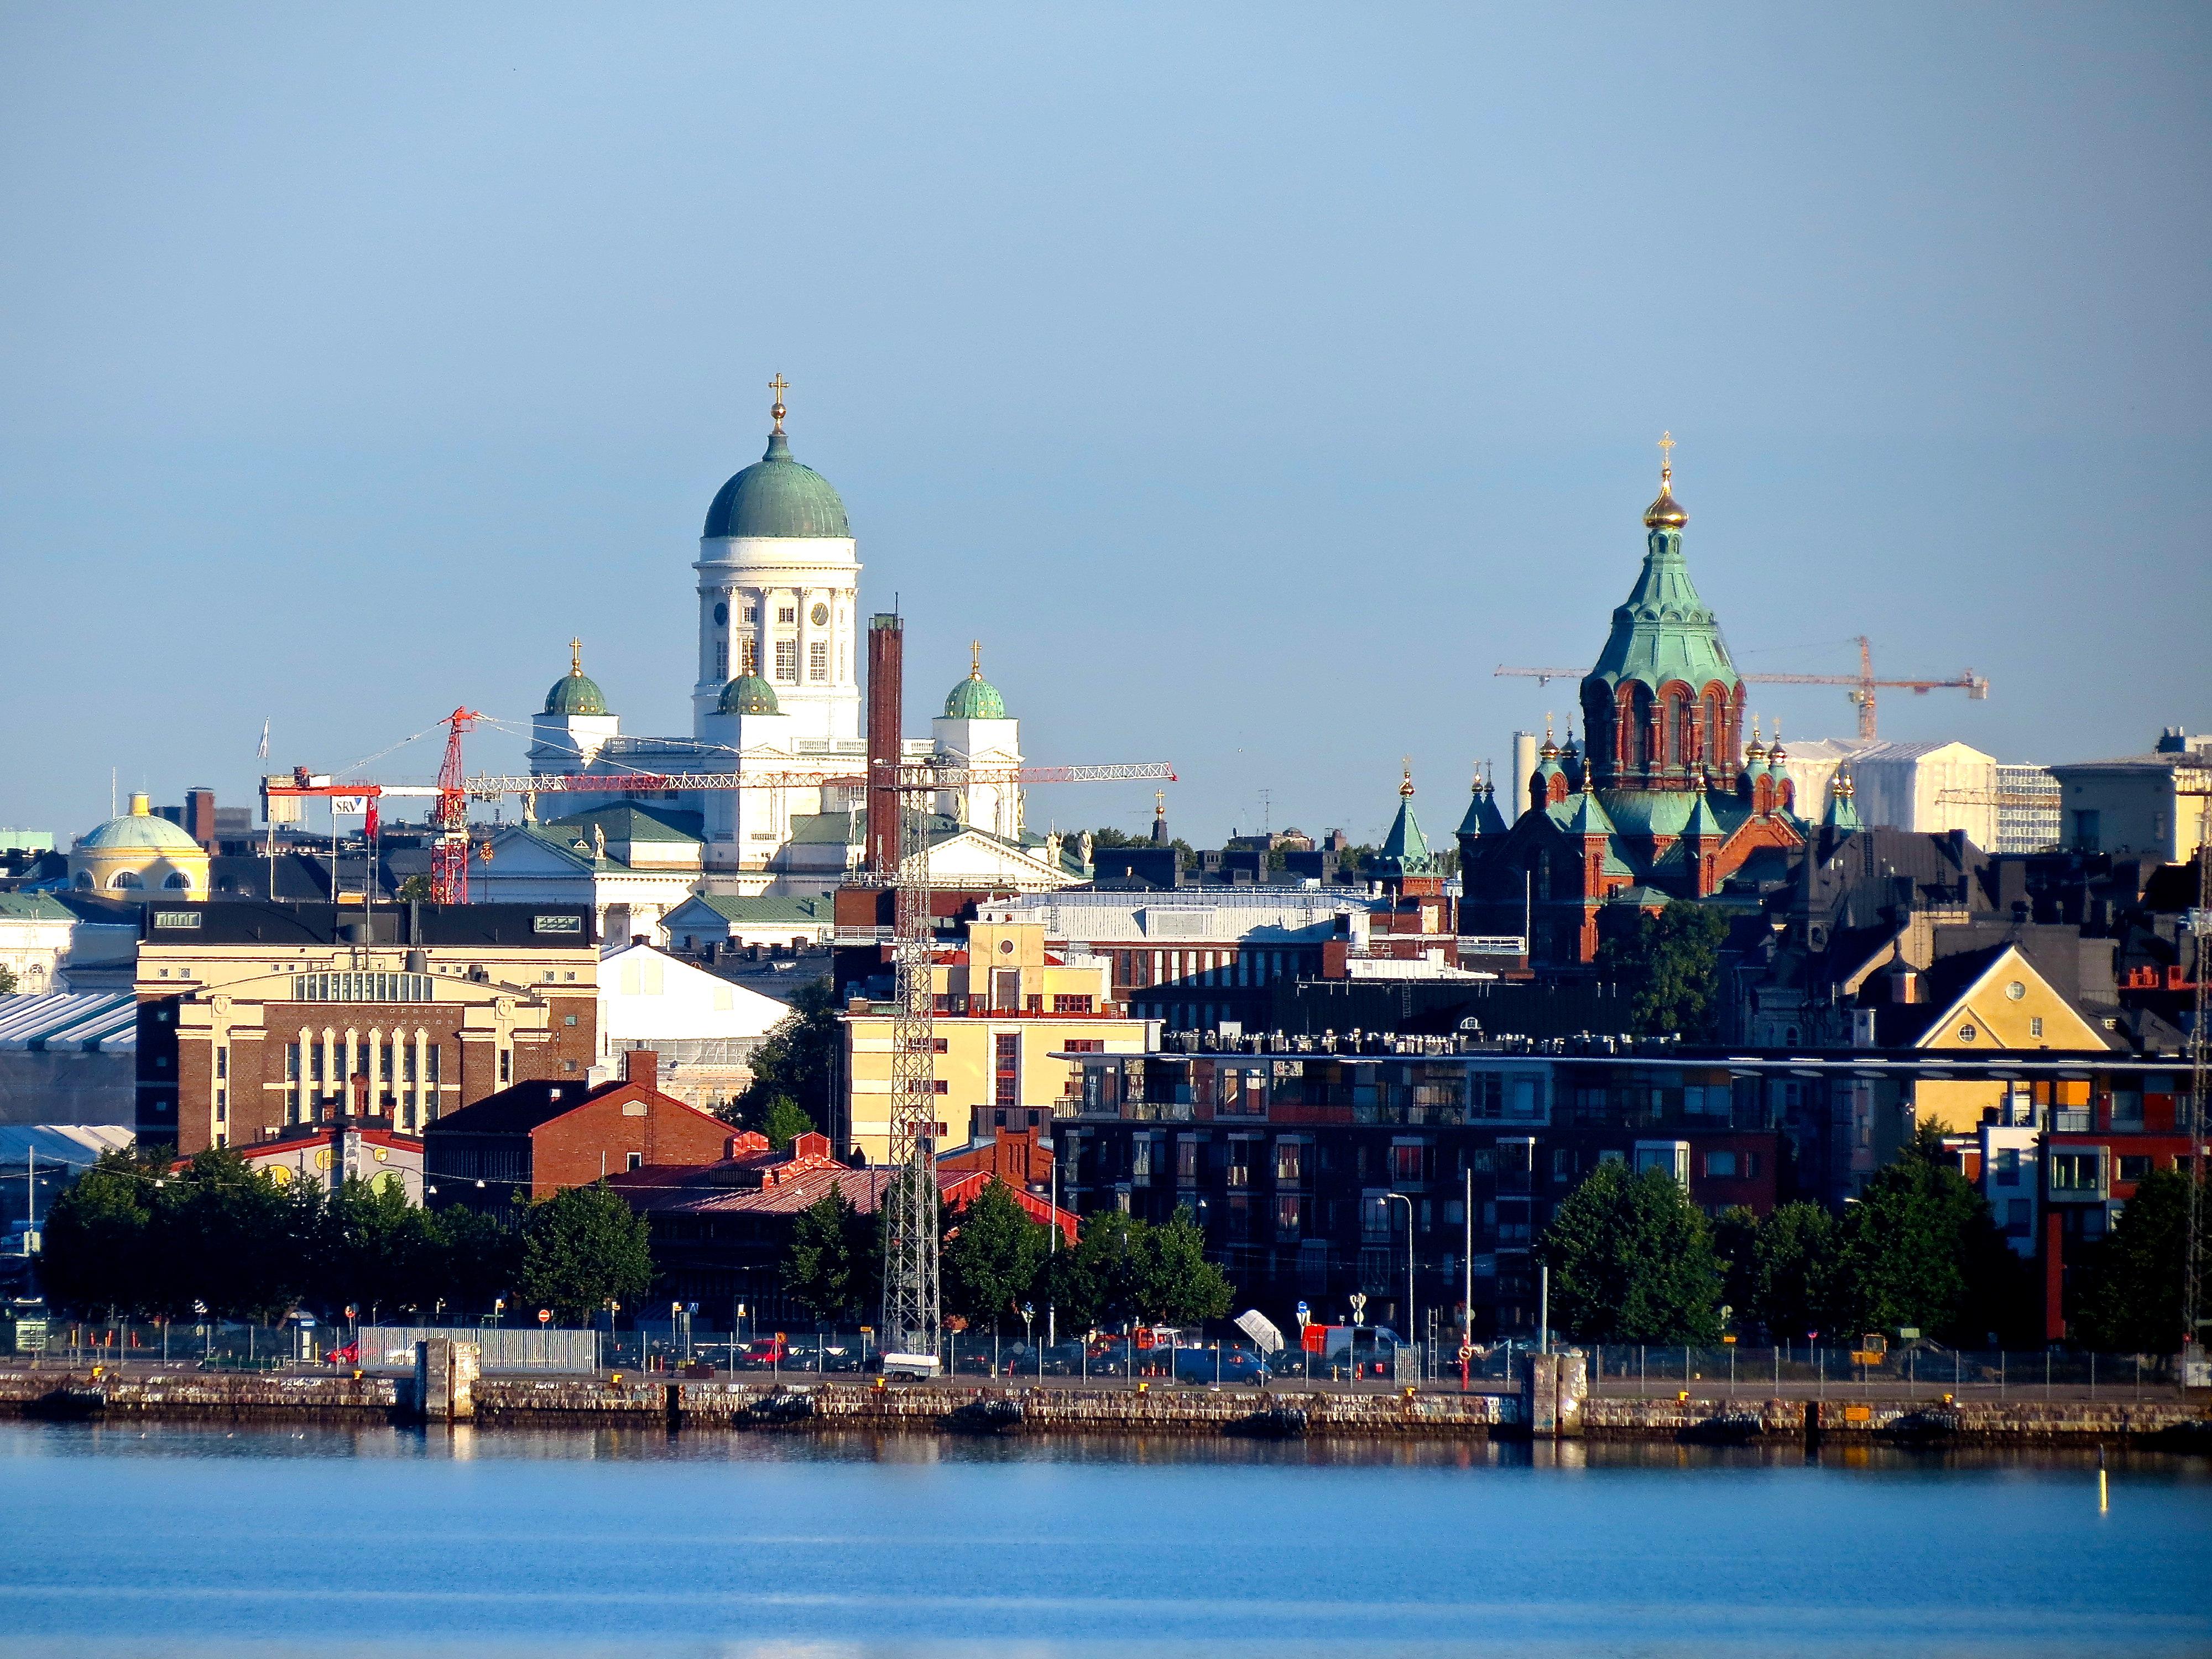 семьи хельсинки красивые места с фото исаакиевском соборе